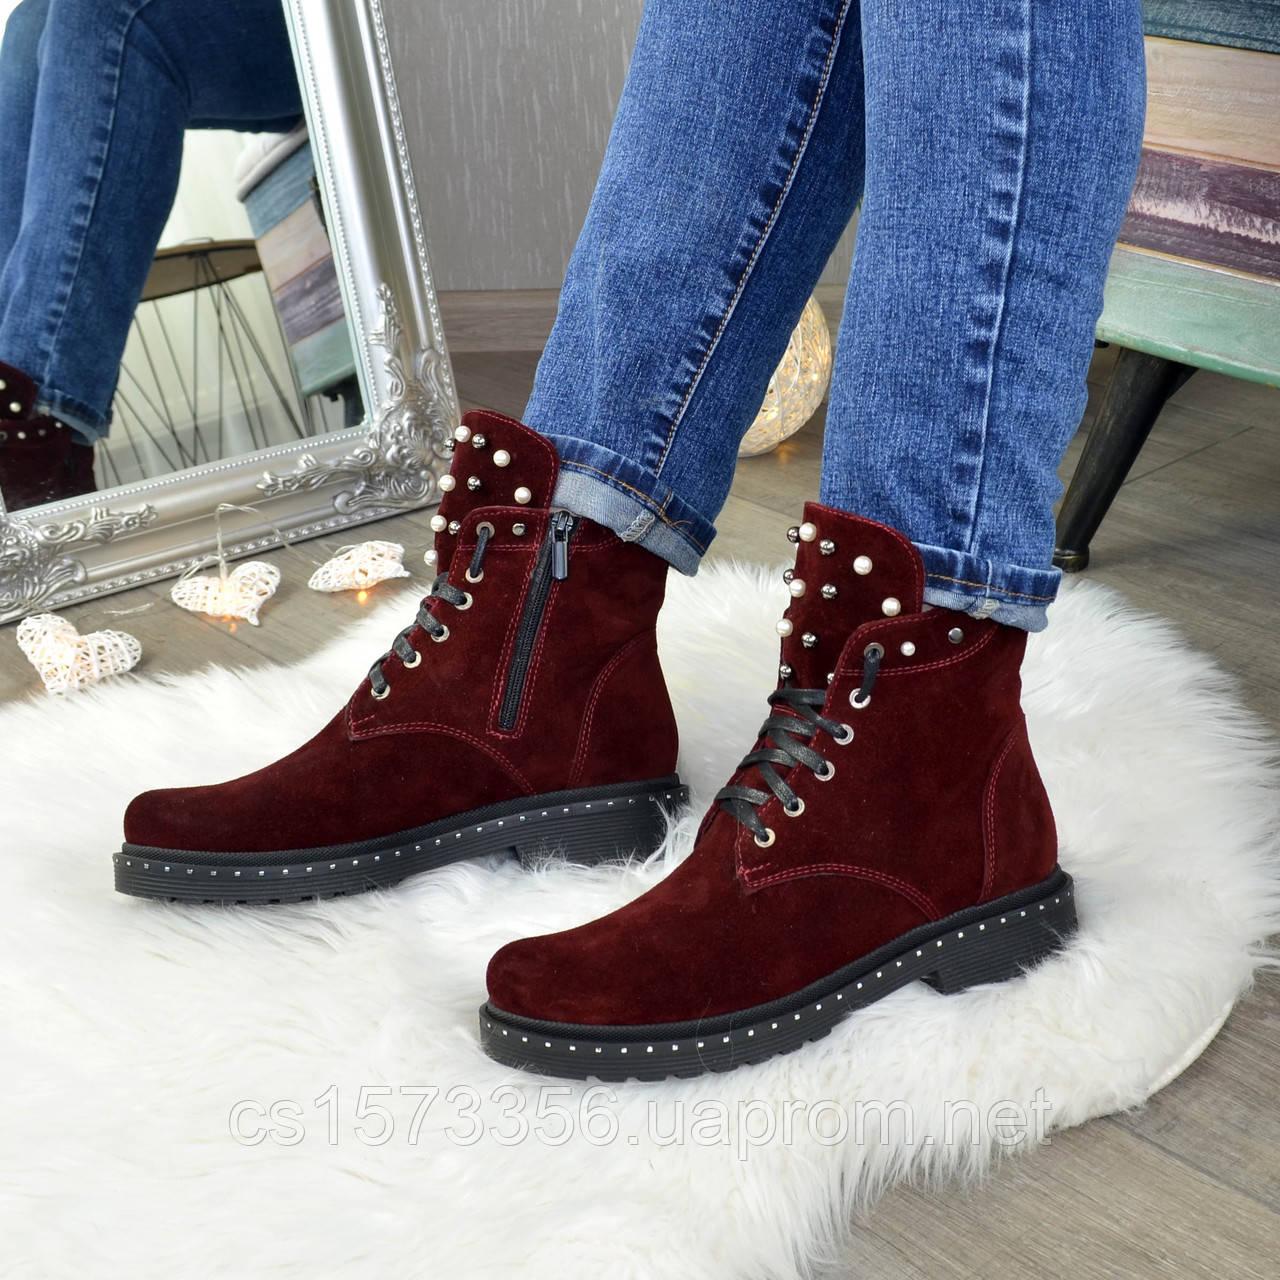 Ботинки замшевые бордовые на утолщенной подошве, на шнуровке